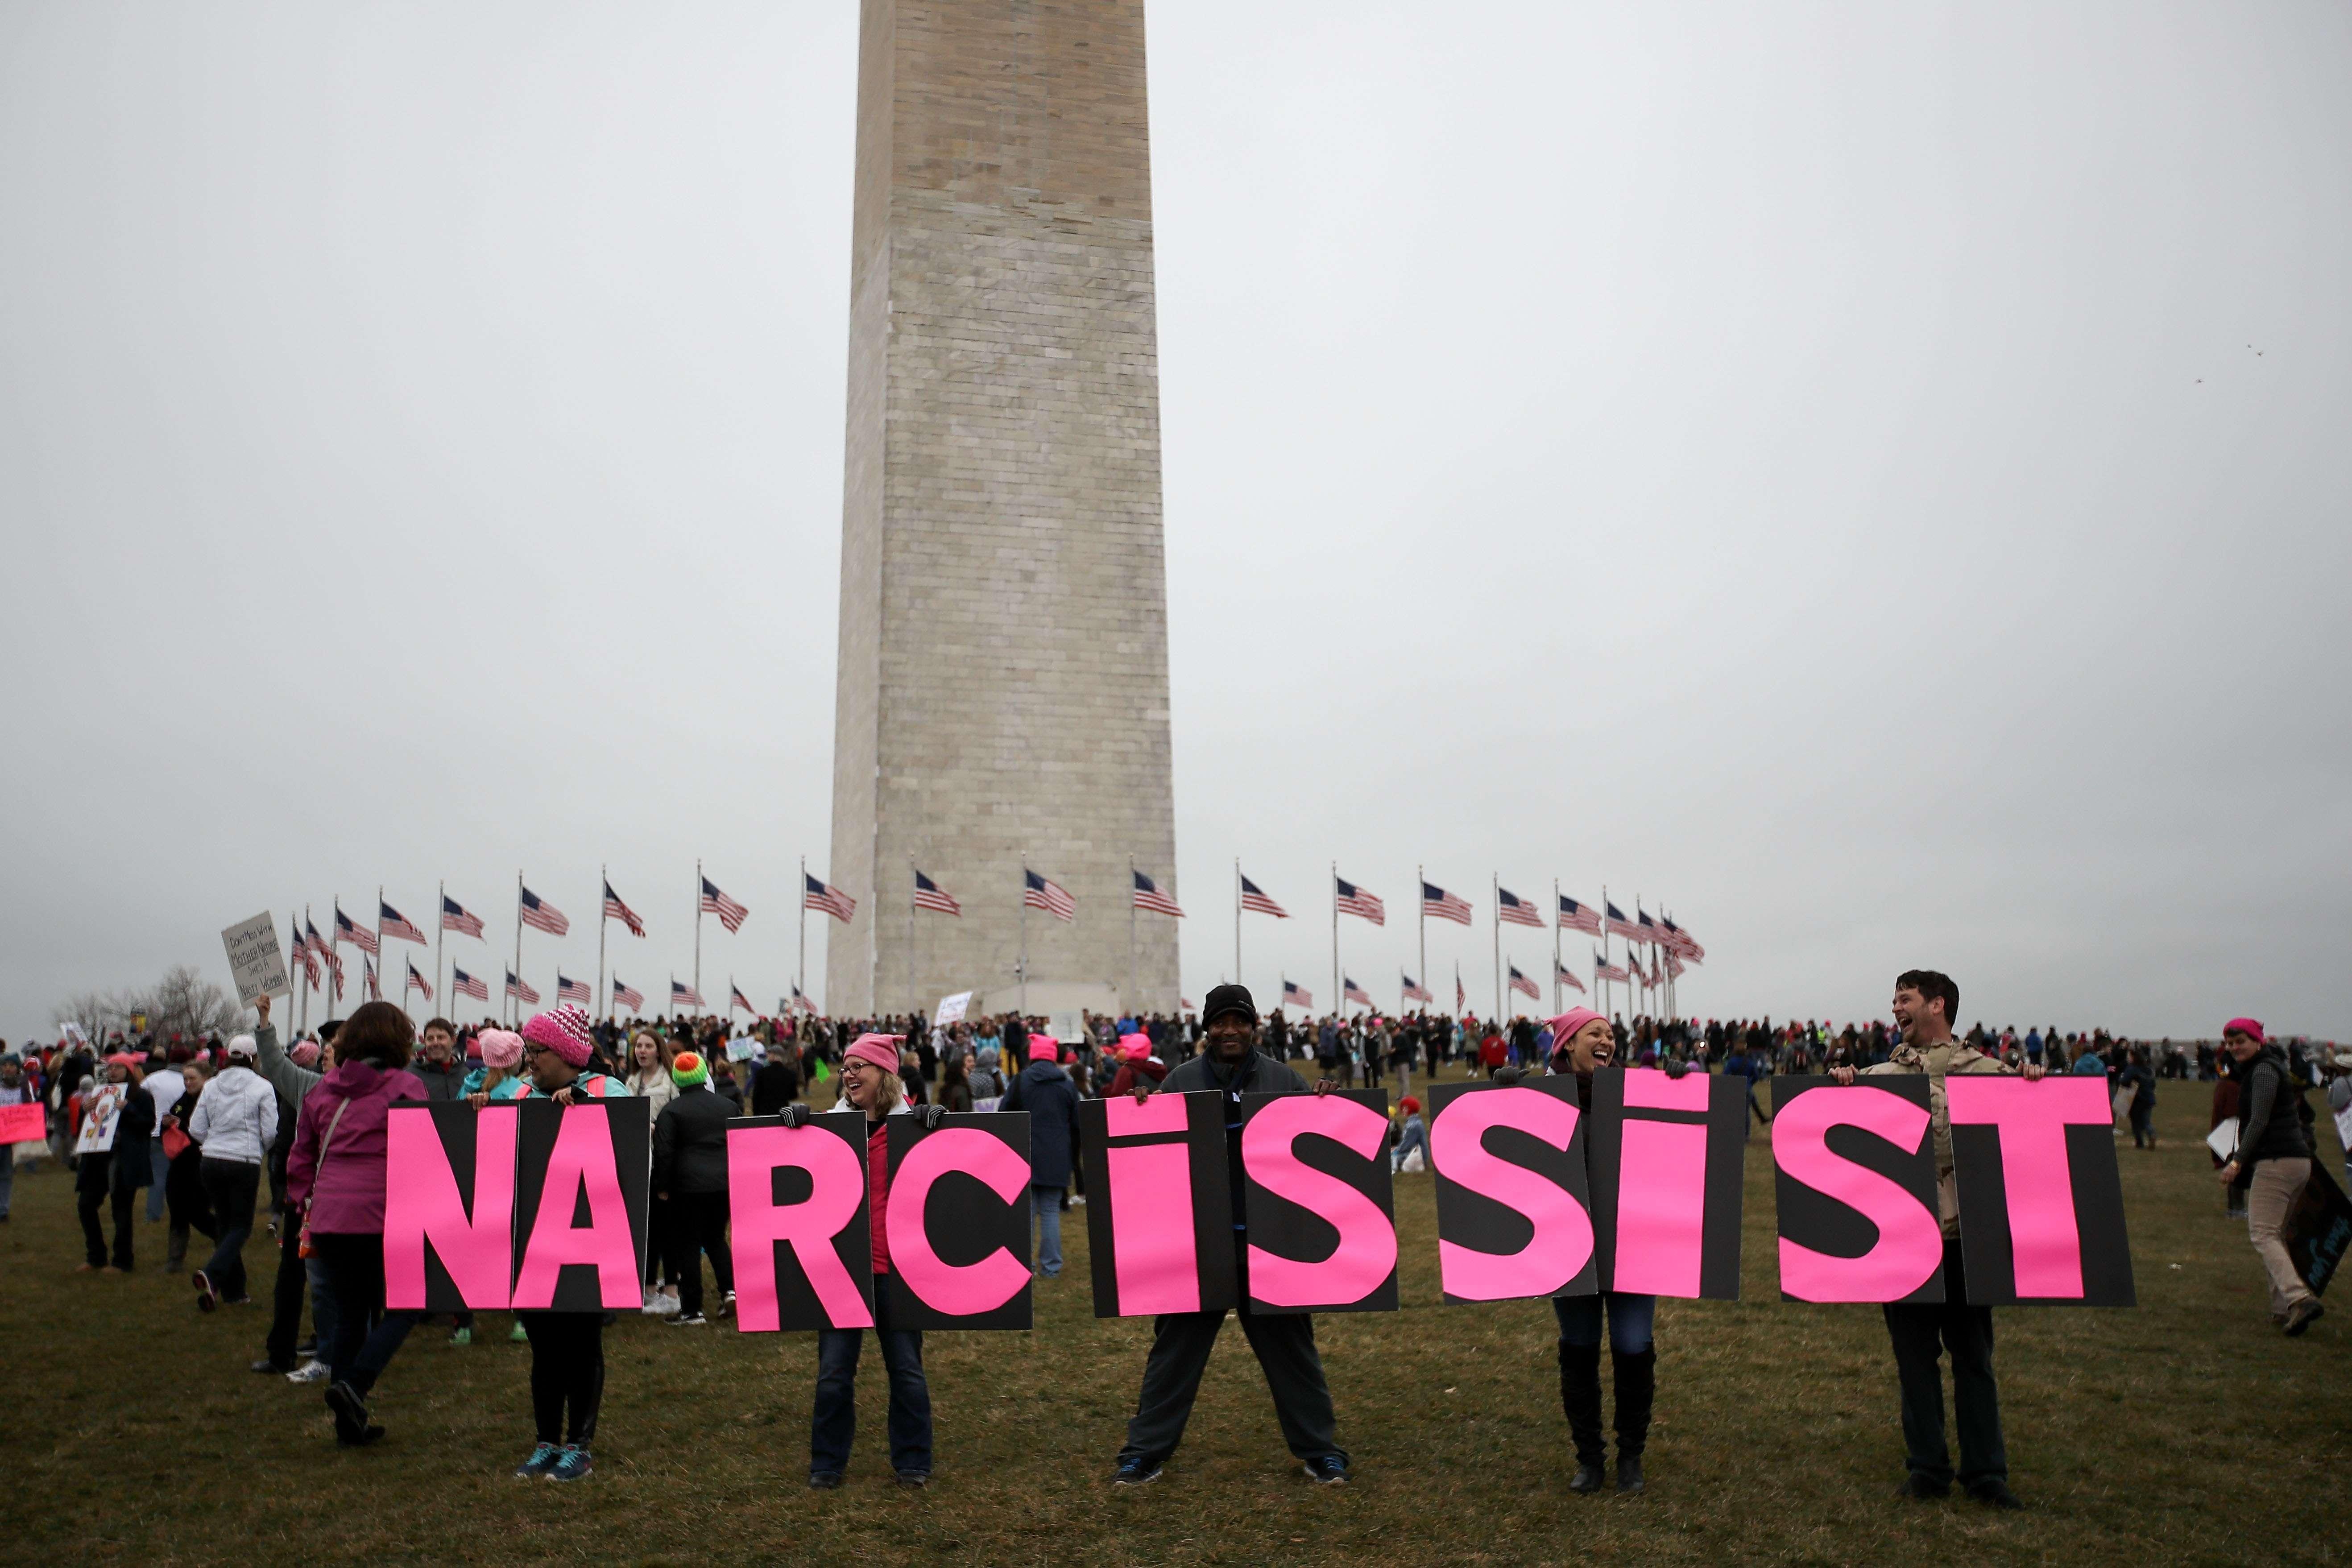 Autour du monument érigé en hommage à George Washington, le premier président des Etats-Unis, des manifestants s'opposent à son 45e successeur, Donald J. Trump.